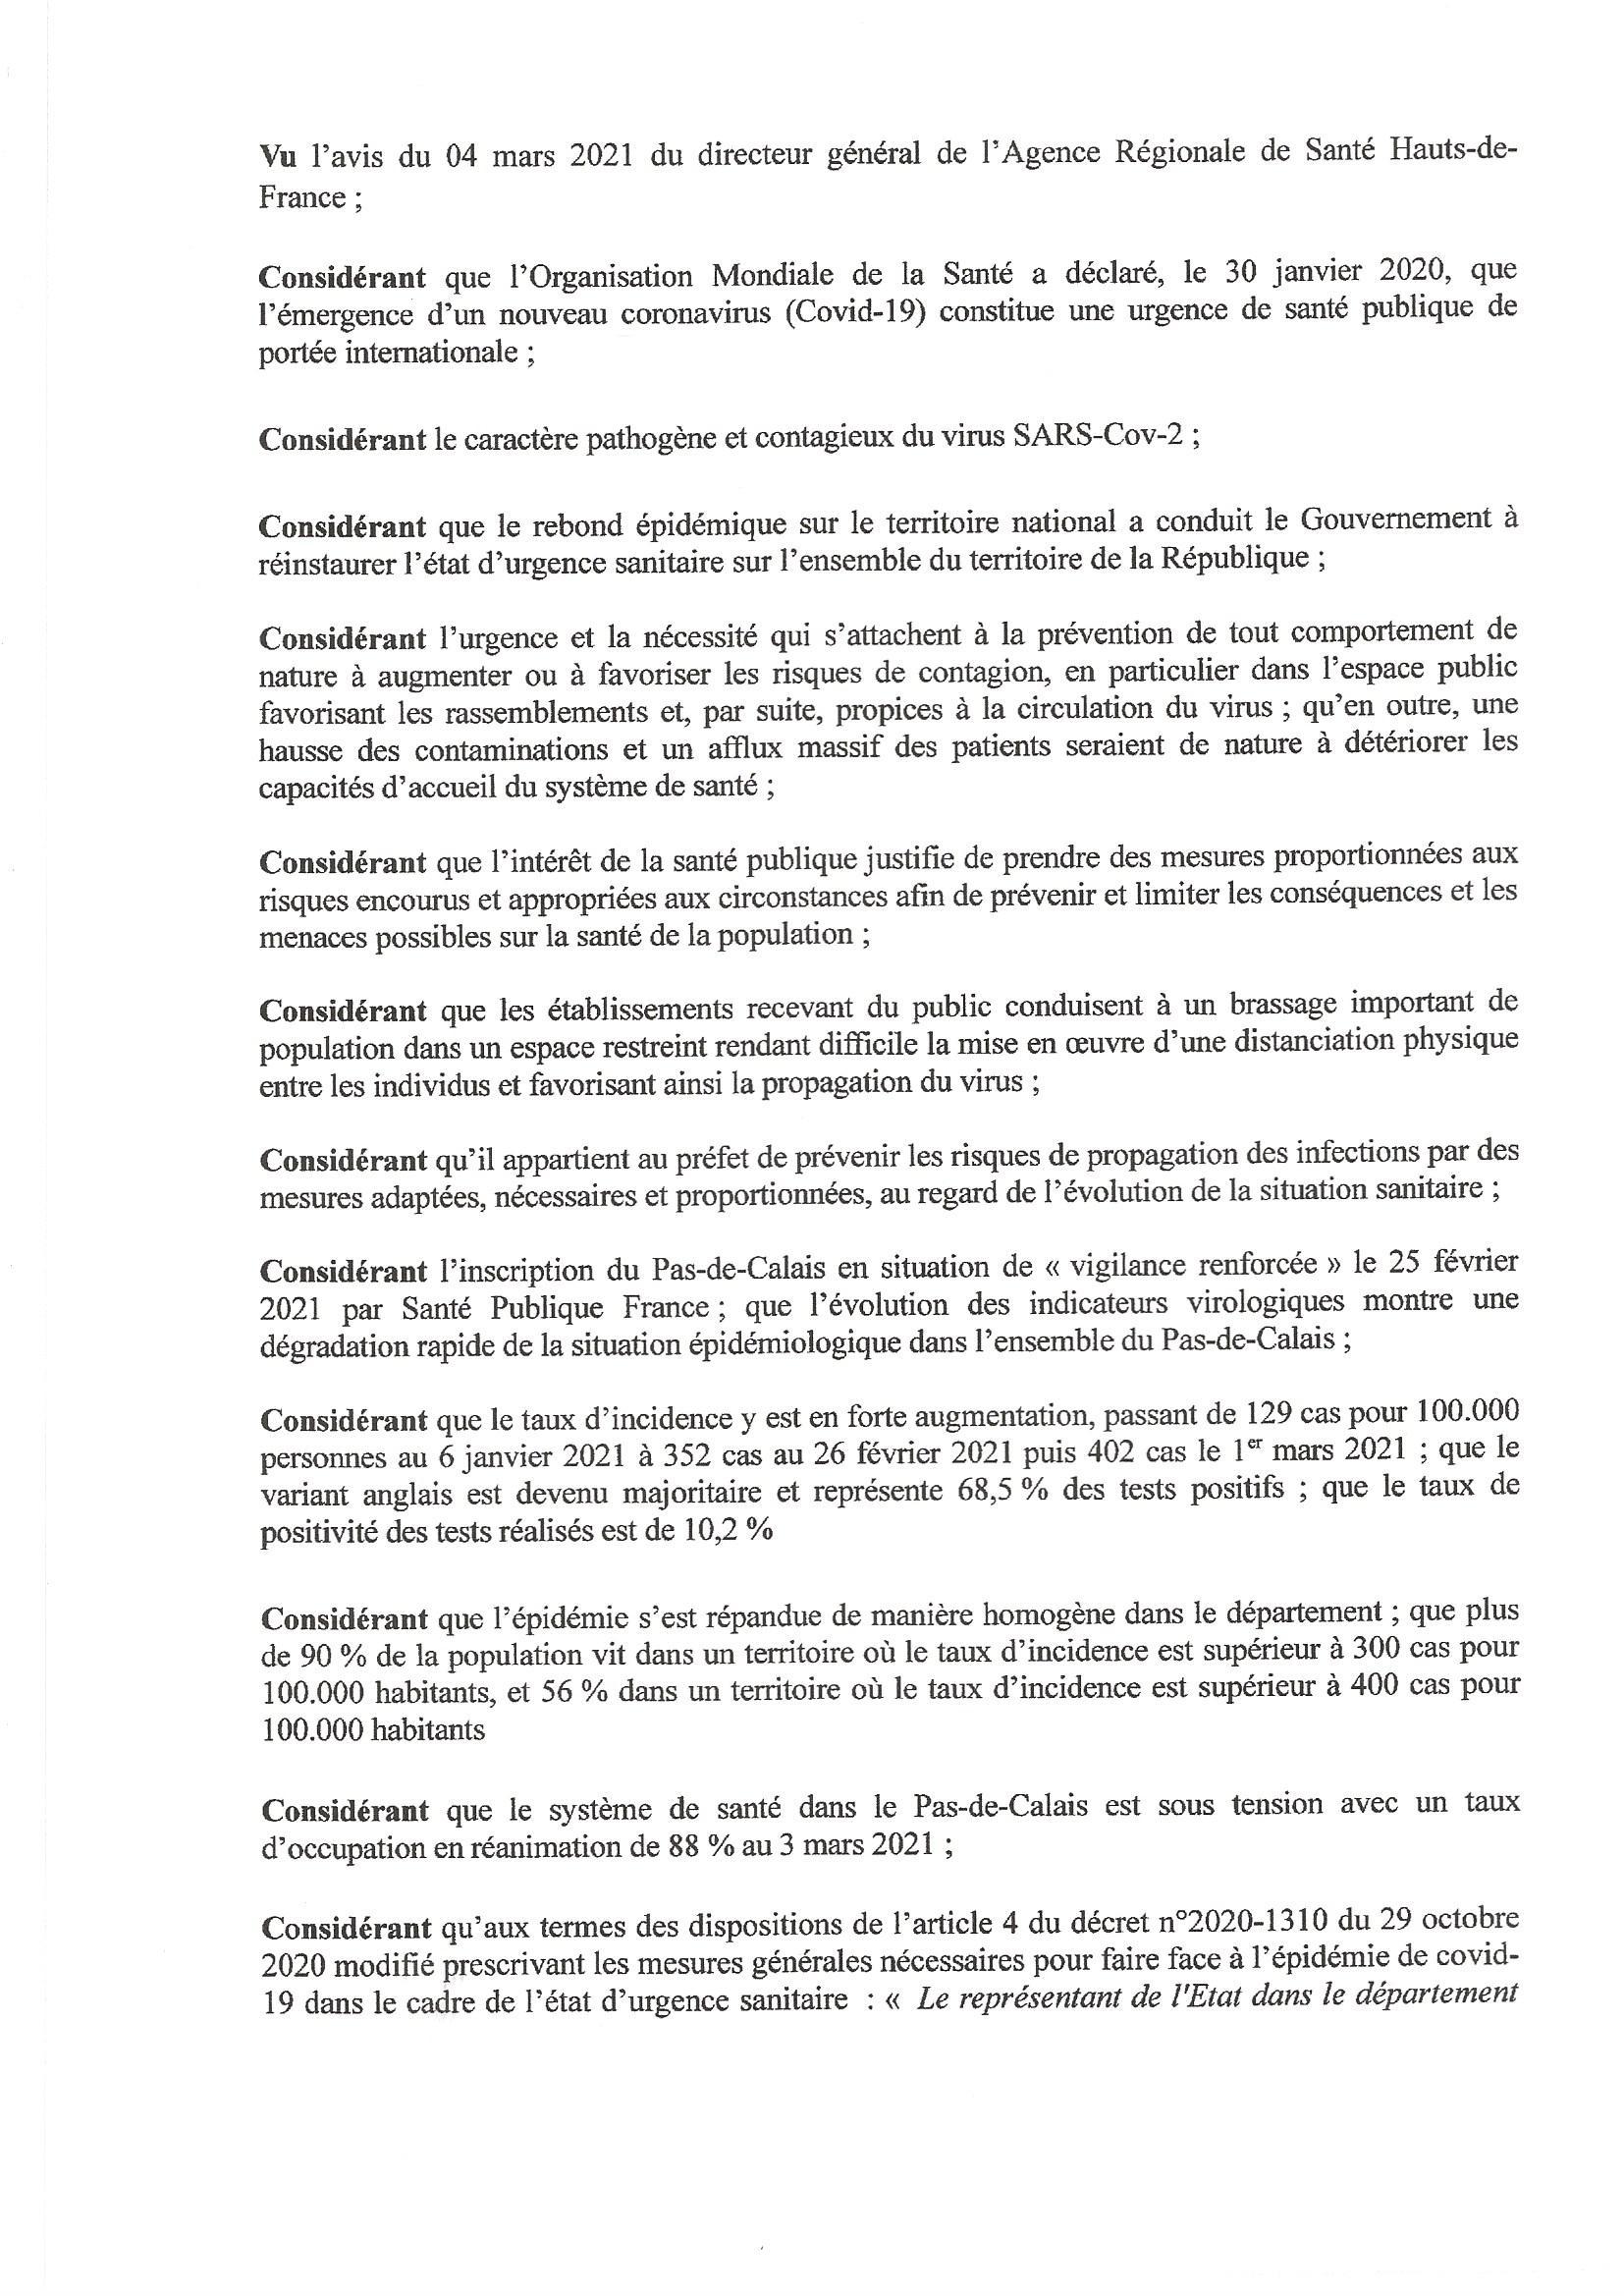 ACCUEIL DU PUBLIC_0002